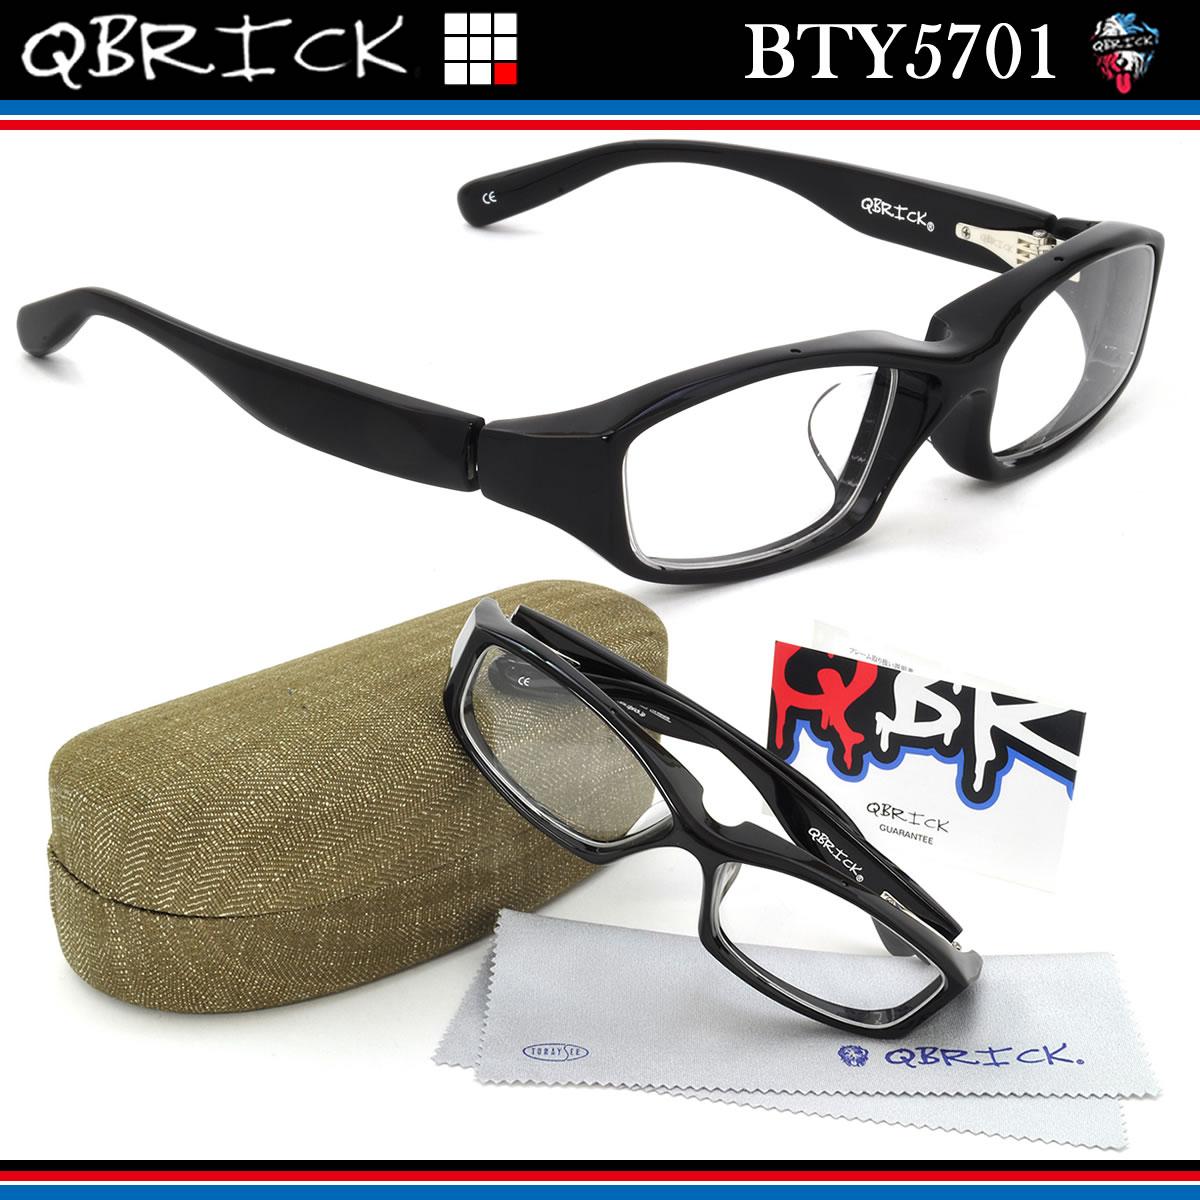 ポイント最大42倍!!お得なクーポンも !!  (キューブリック) メガネ フレーム BTY5701 57サイズ キューブリック QBRICK  メンズ レディース